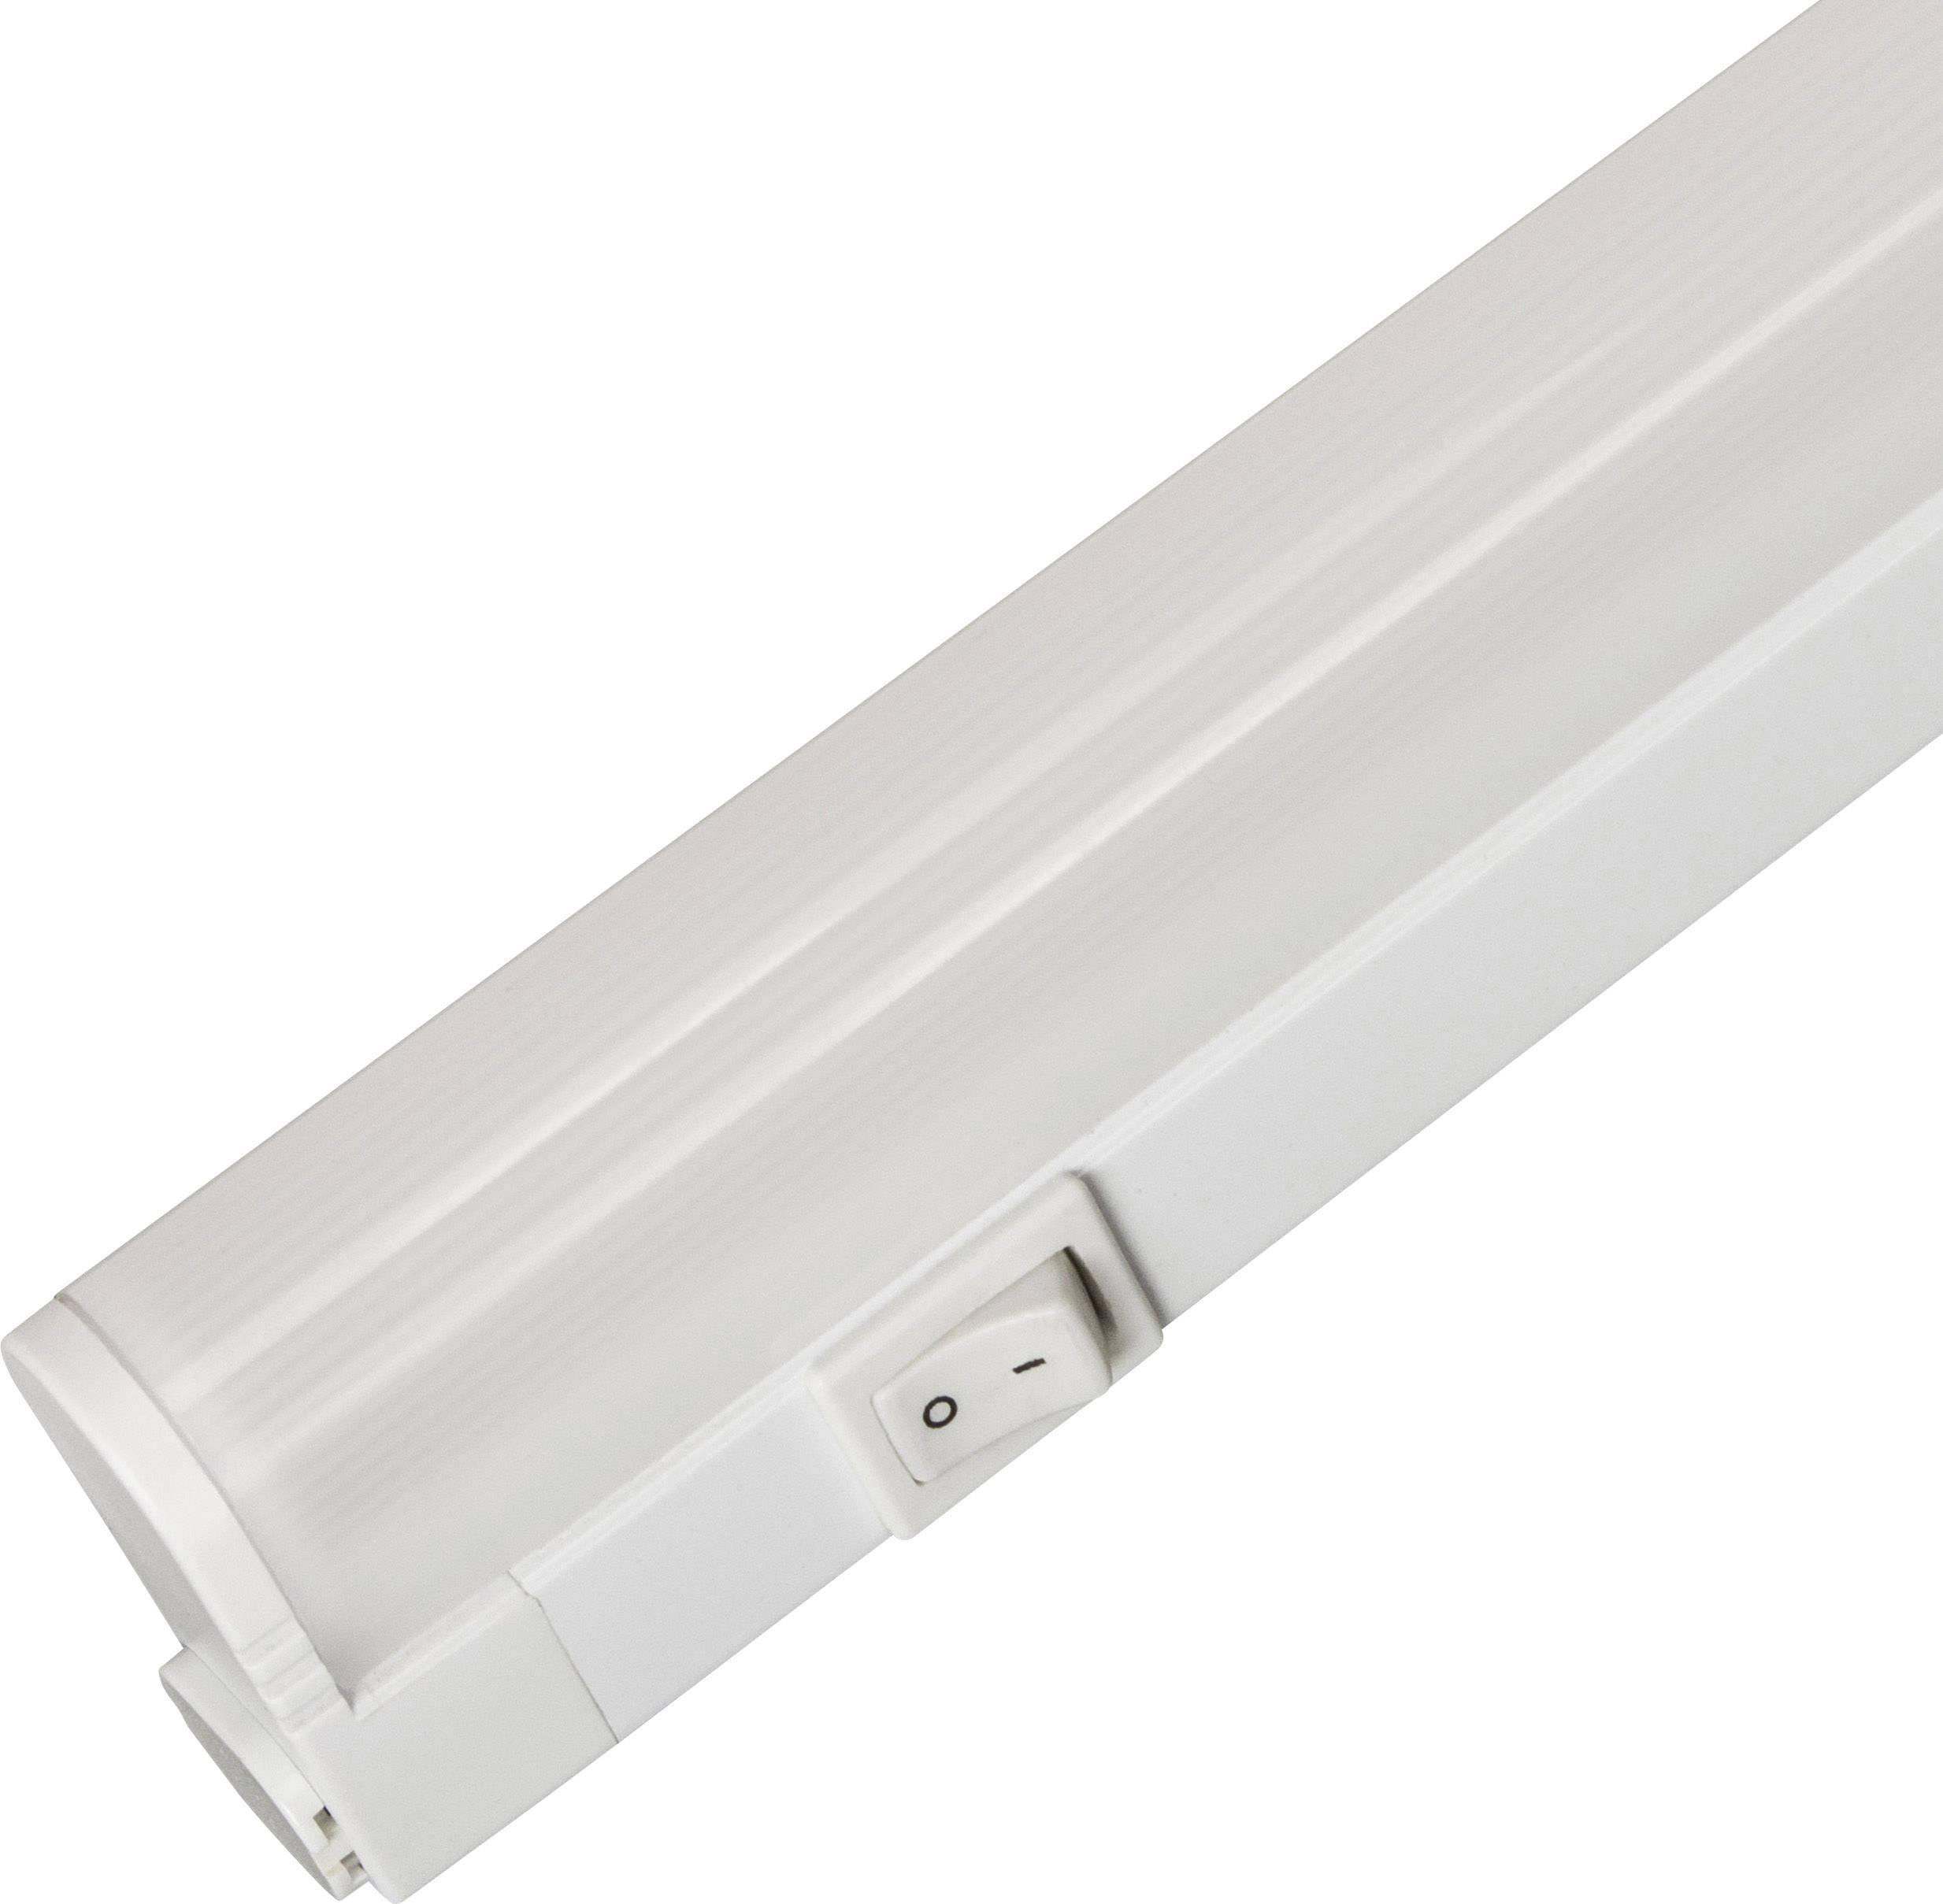 Sous Un Licht 4 Lampe 20100311 Müller Blanc Montage Meuble Chaud W Led Pour Connect lFK3JcT1u